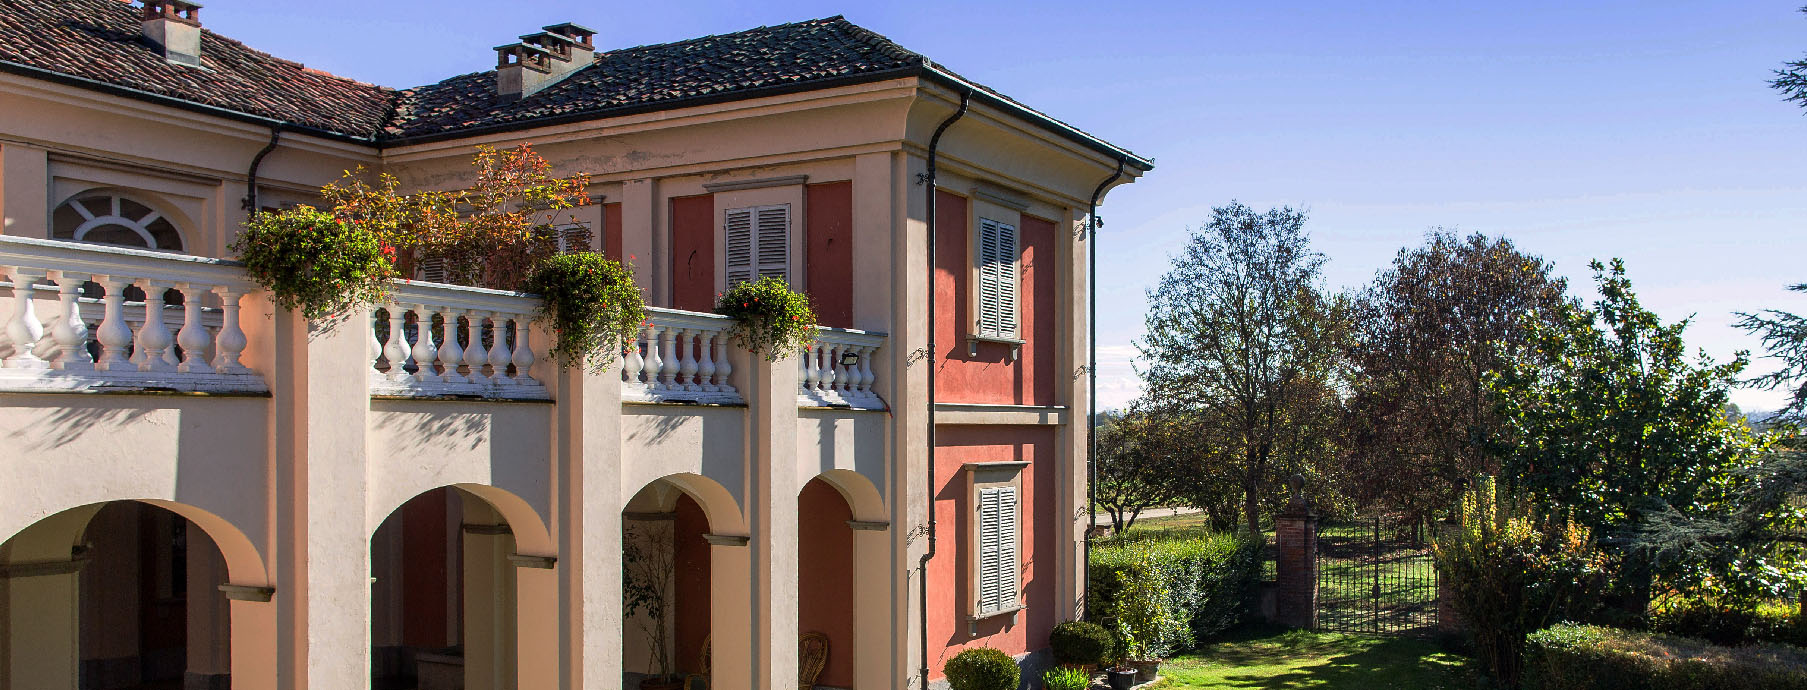 Veduta di Villa Fiorita.